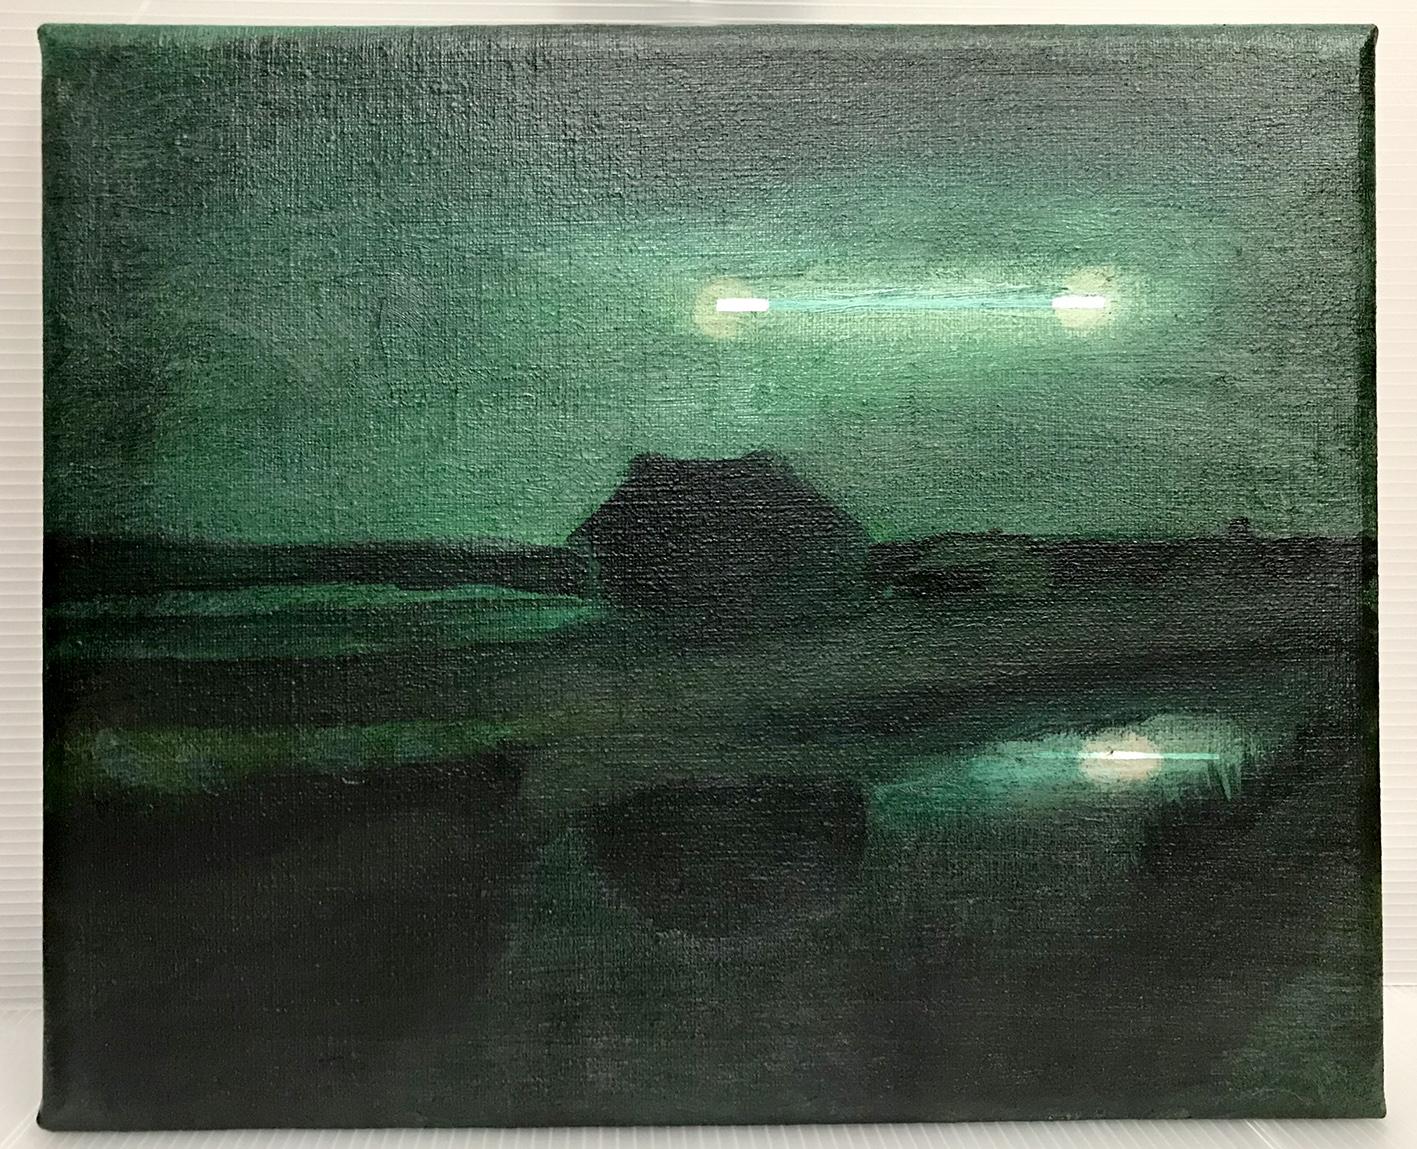 Vincent Land Gogh 1 (22x27cm) 2020